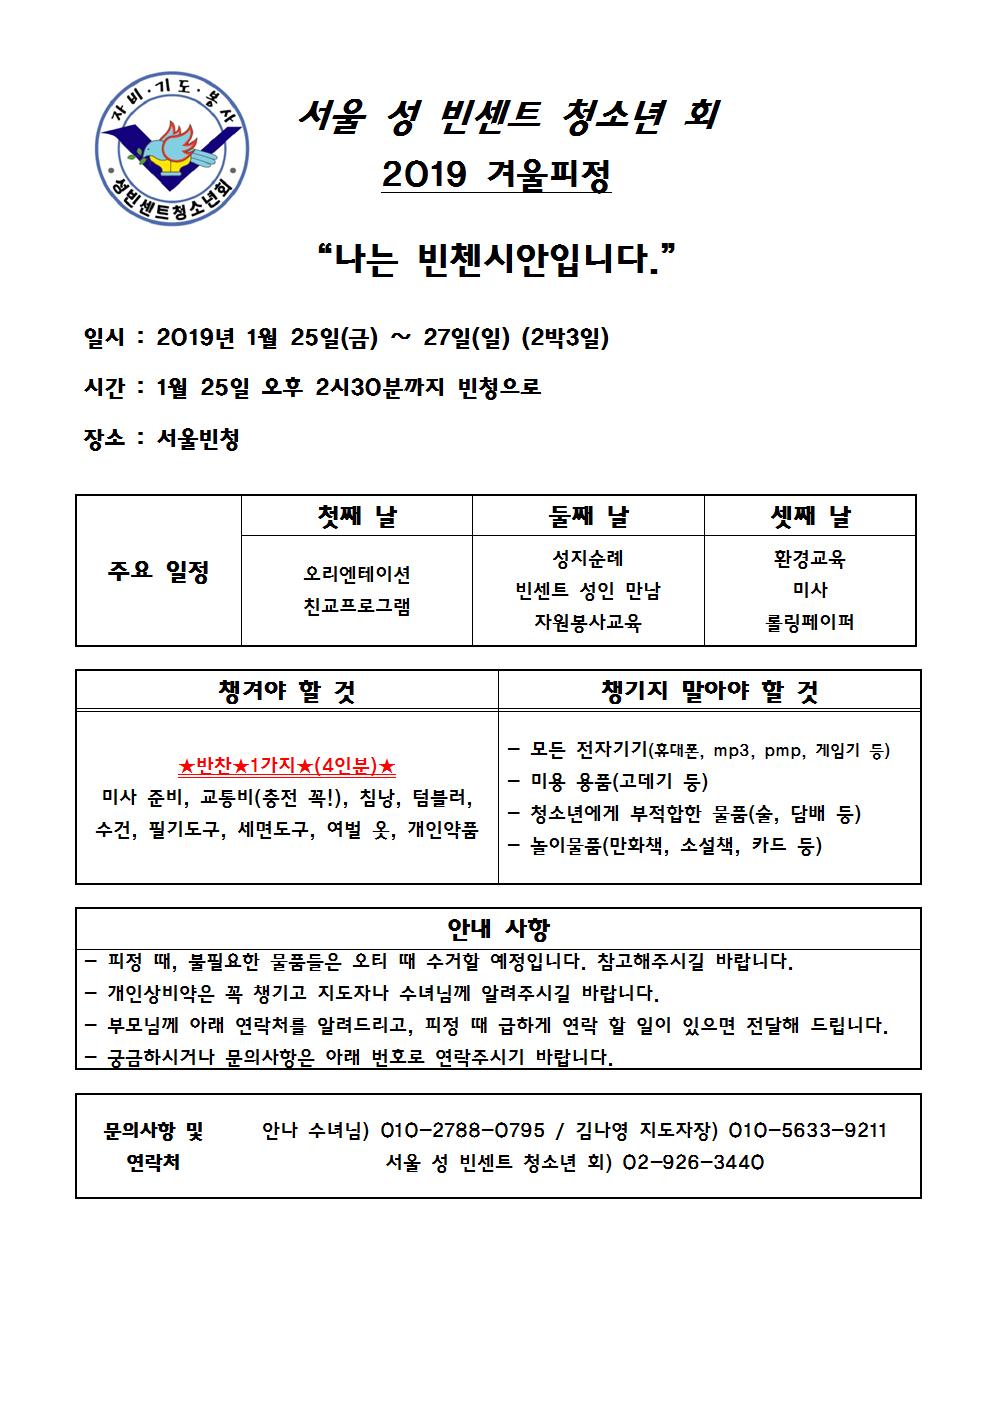 2019 겨울피정 안내지.png